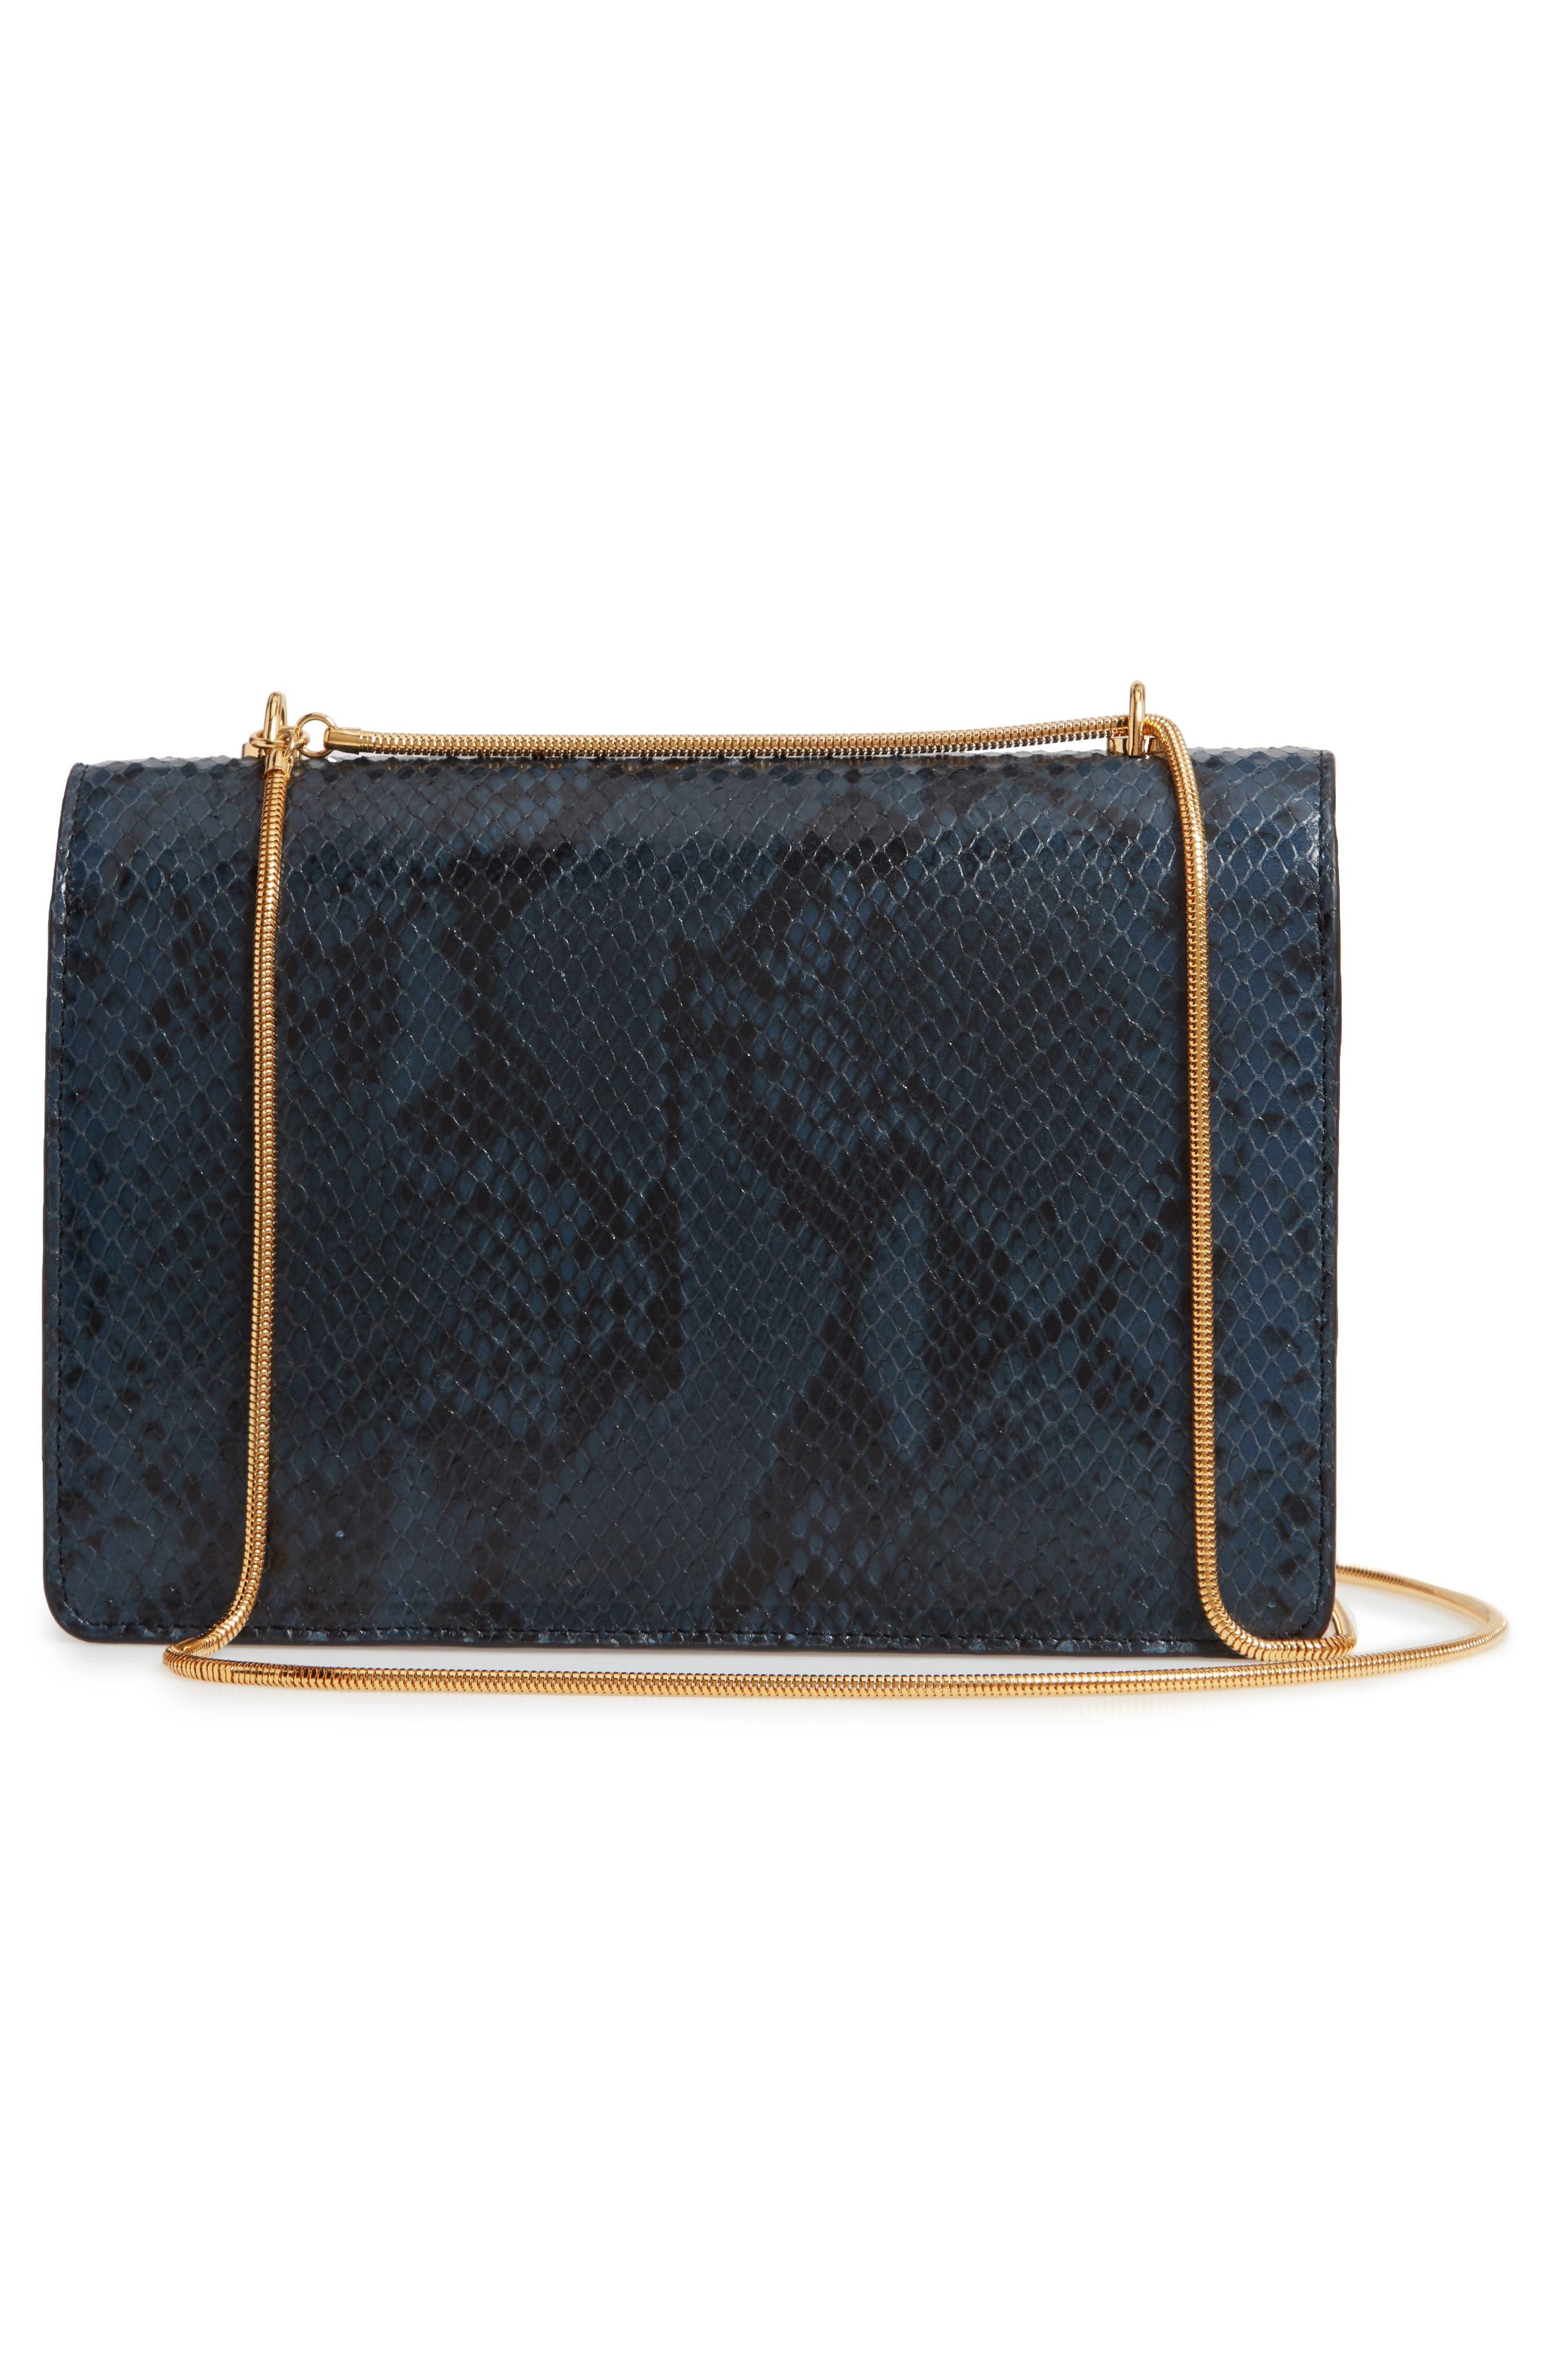 Croc Embossed Leather Shoulder Bag,                             Alternate thumbnail 3, color,                             200